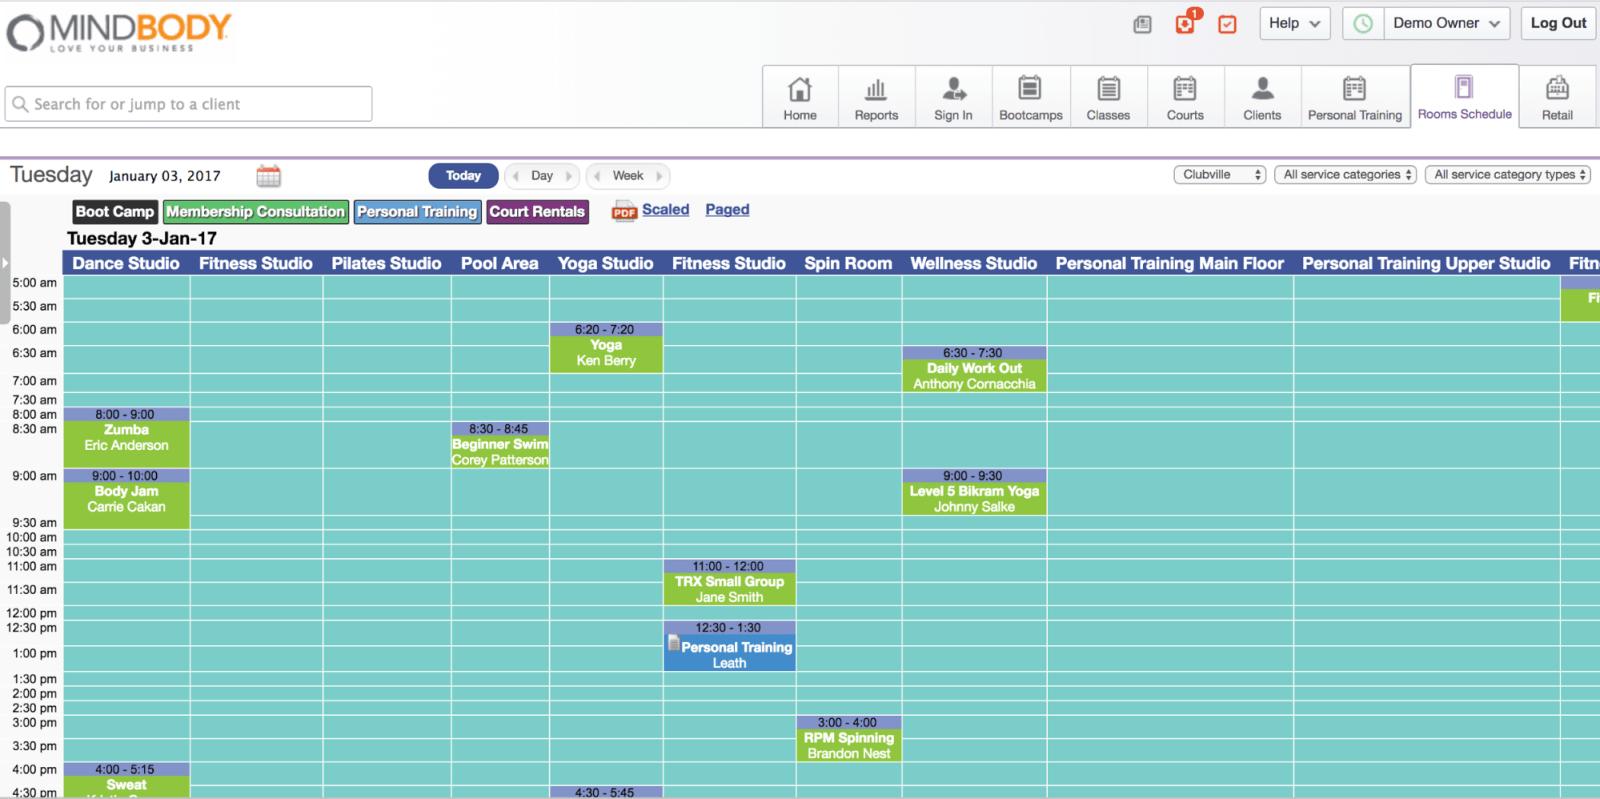 MINDBODY Scheduler